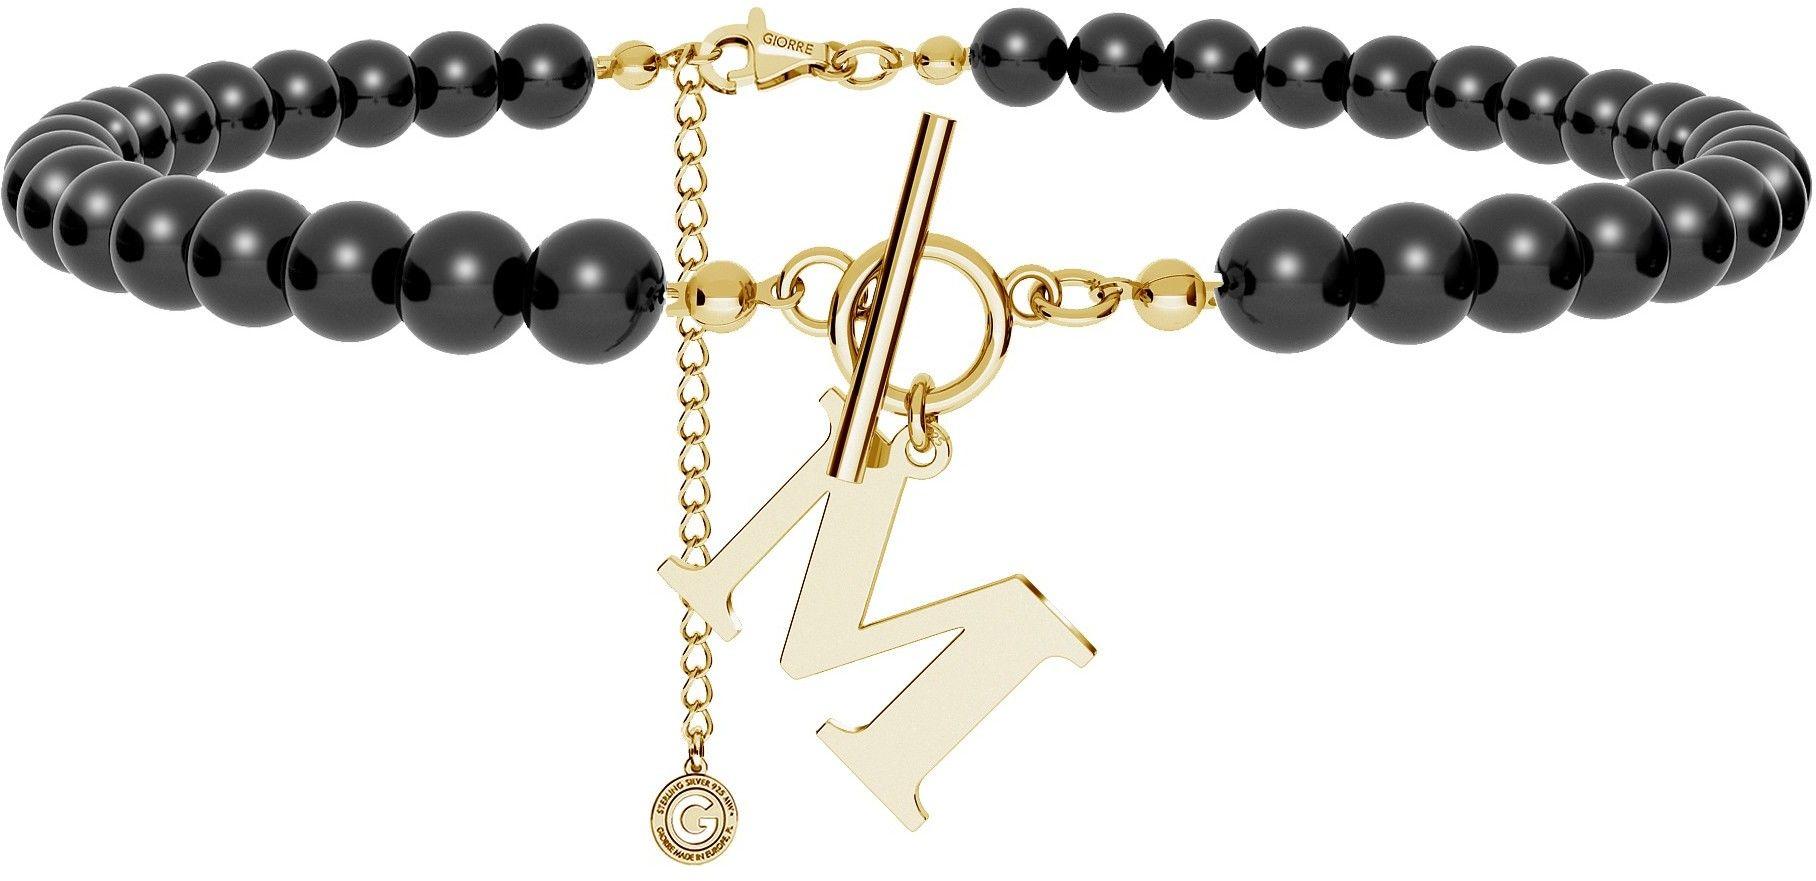 Czarny perłowy choker z dowolną literą, Swarovski, srebro 925 : Litera - J, Srebro - kolor pokrycia - Pokrycie platyną